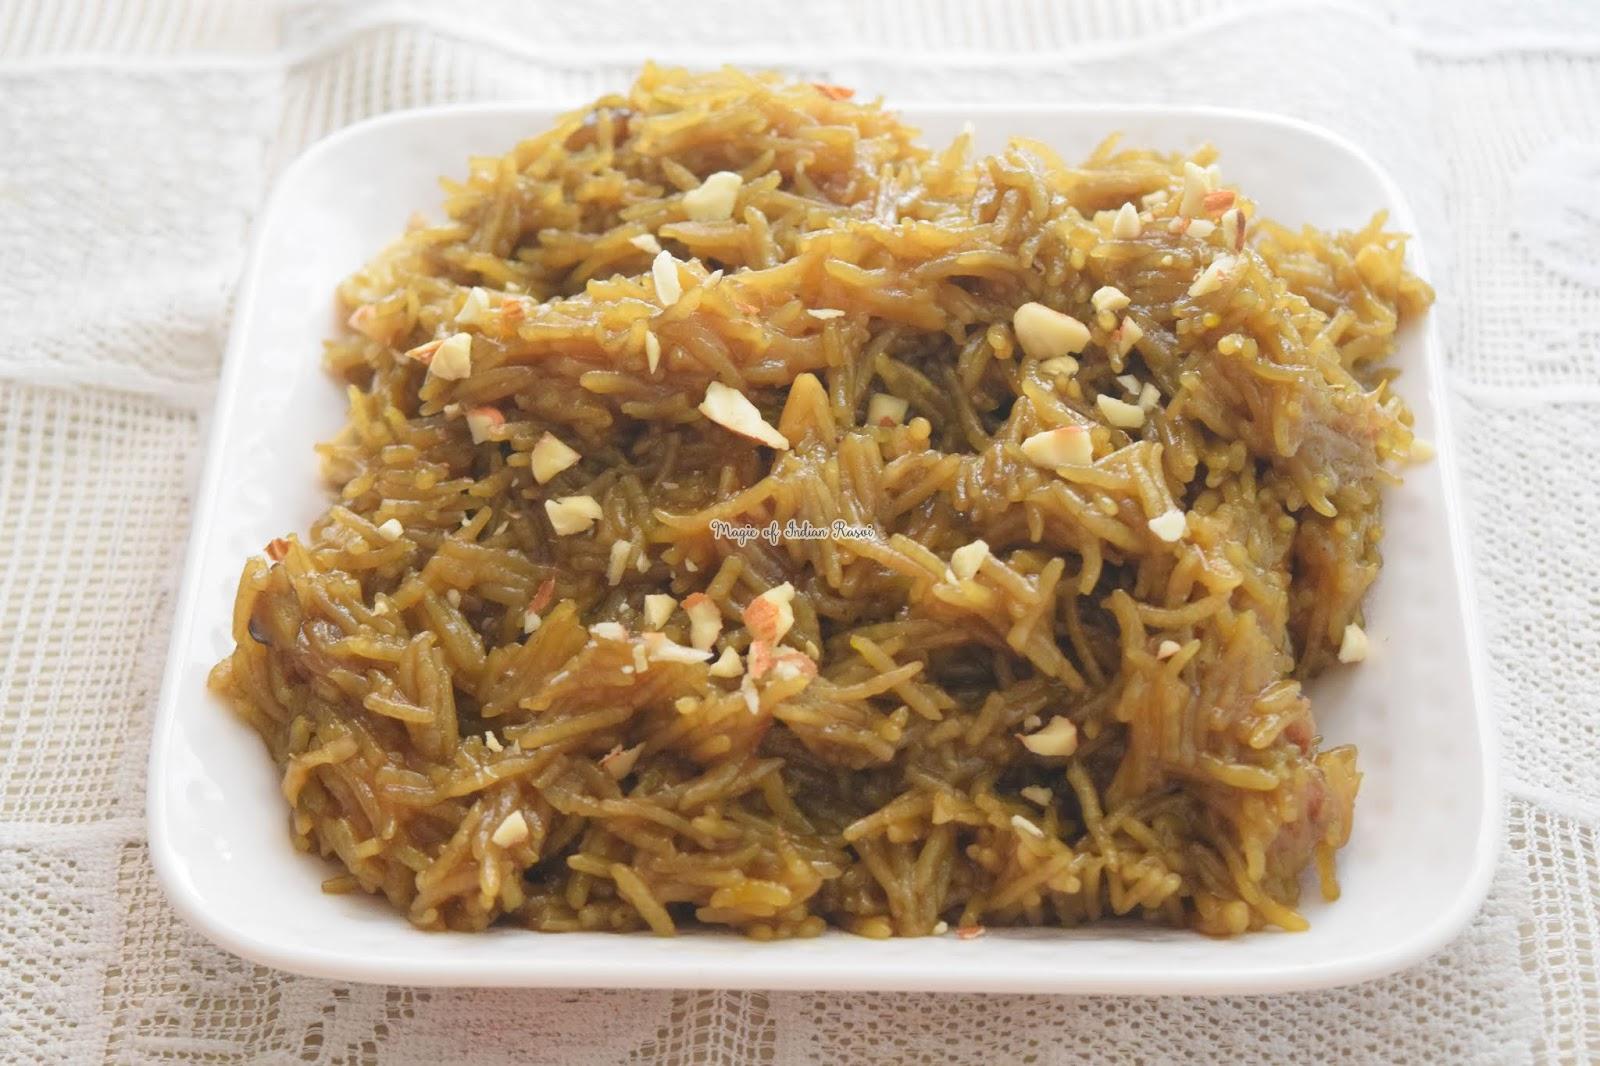 Jaggery Rice in Pressure Cooker Recipe - गुड़ के मीठे चावल प्रेशर कुकर में बनाये - Priya R - Magic of Indian Rasoi